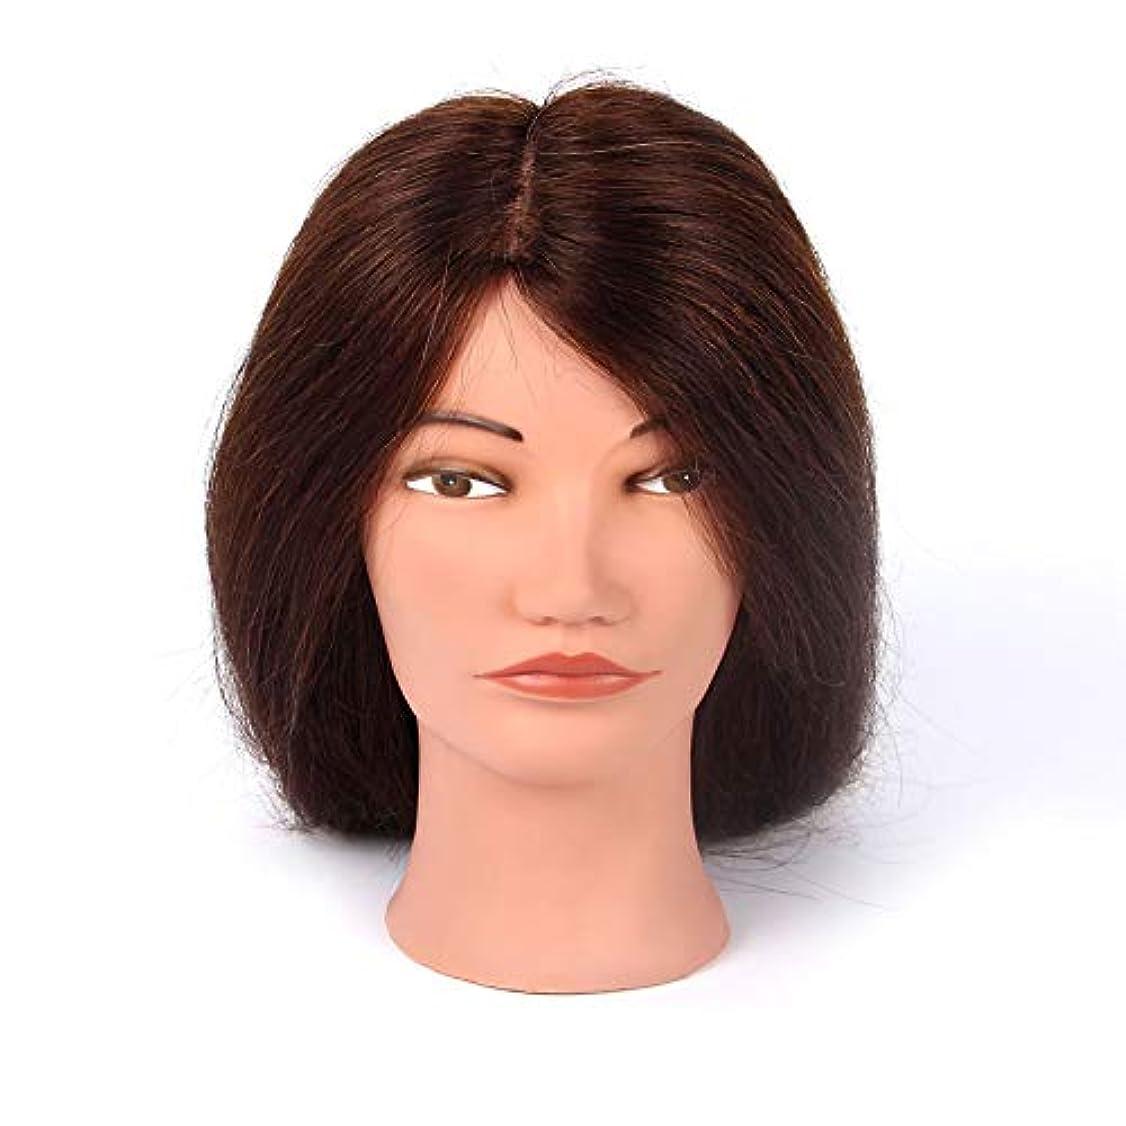 努力スナップ呪われた理髪練習ヘッド吹くホットロールダミーヘッドパーマ髪の染め指導ヘッドメイクアップヘアスタイリングモデルヘッド